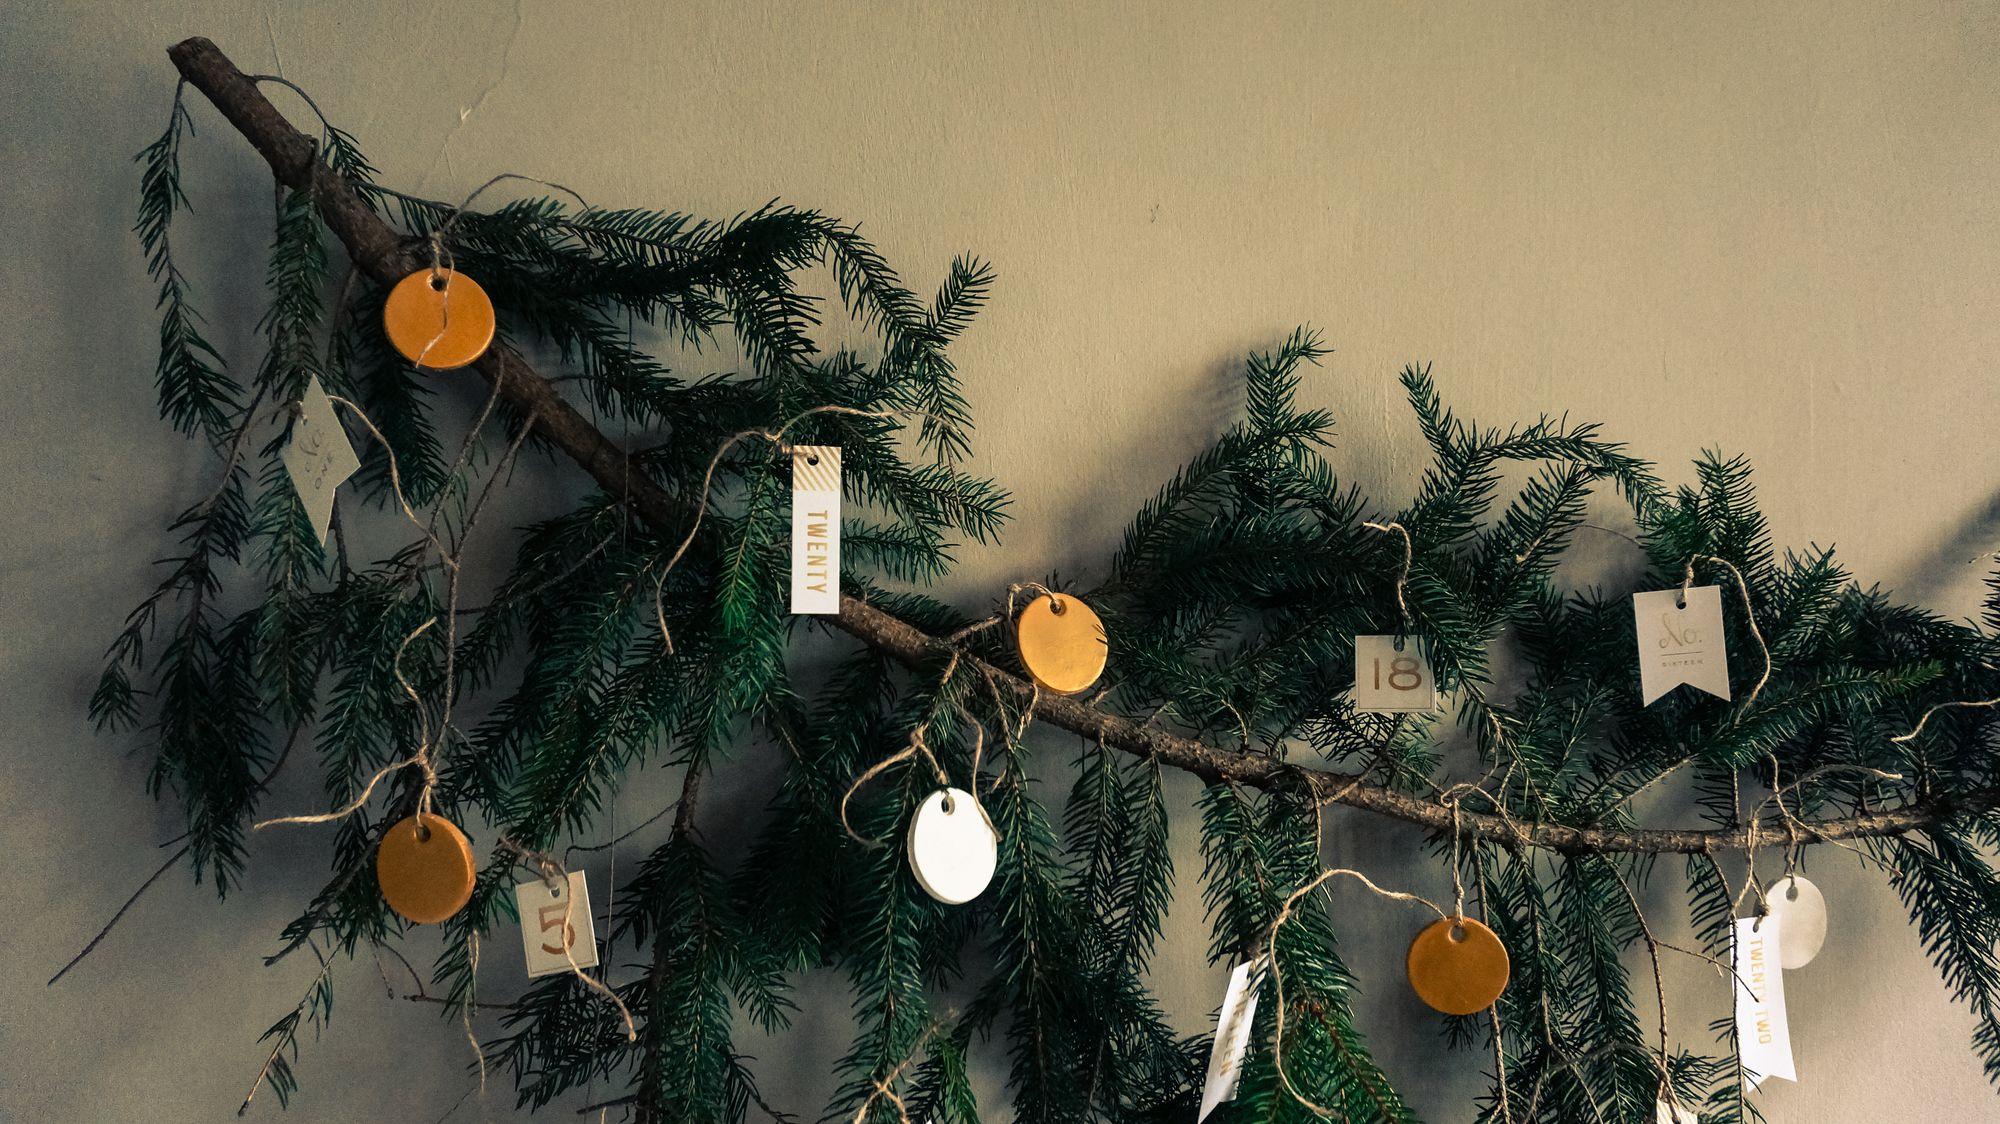 Decorazioni Natalizie Dorate.Decorazione Con Oro E Un Ramo Di Pino Natale Al Verde